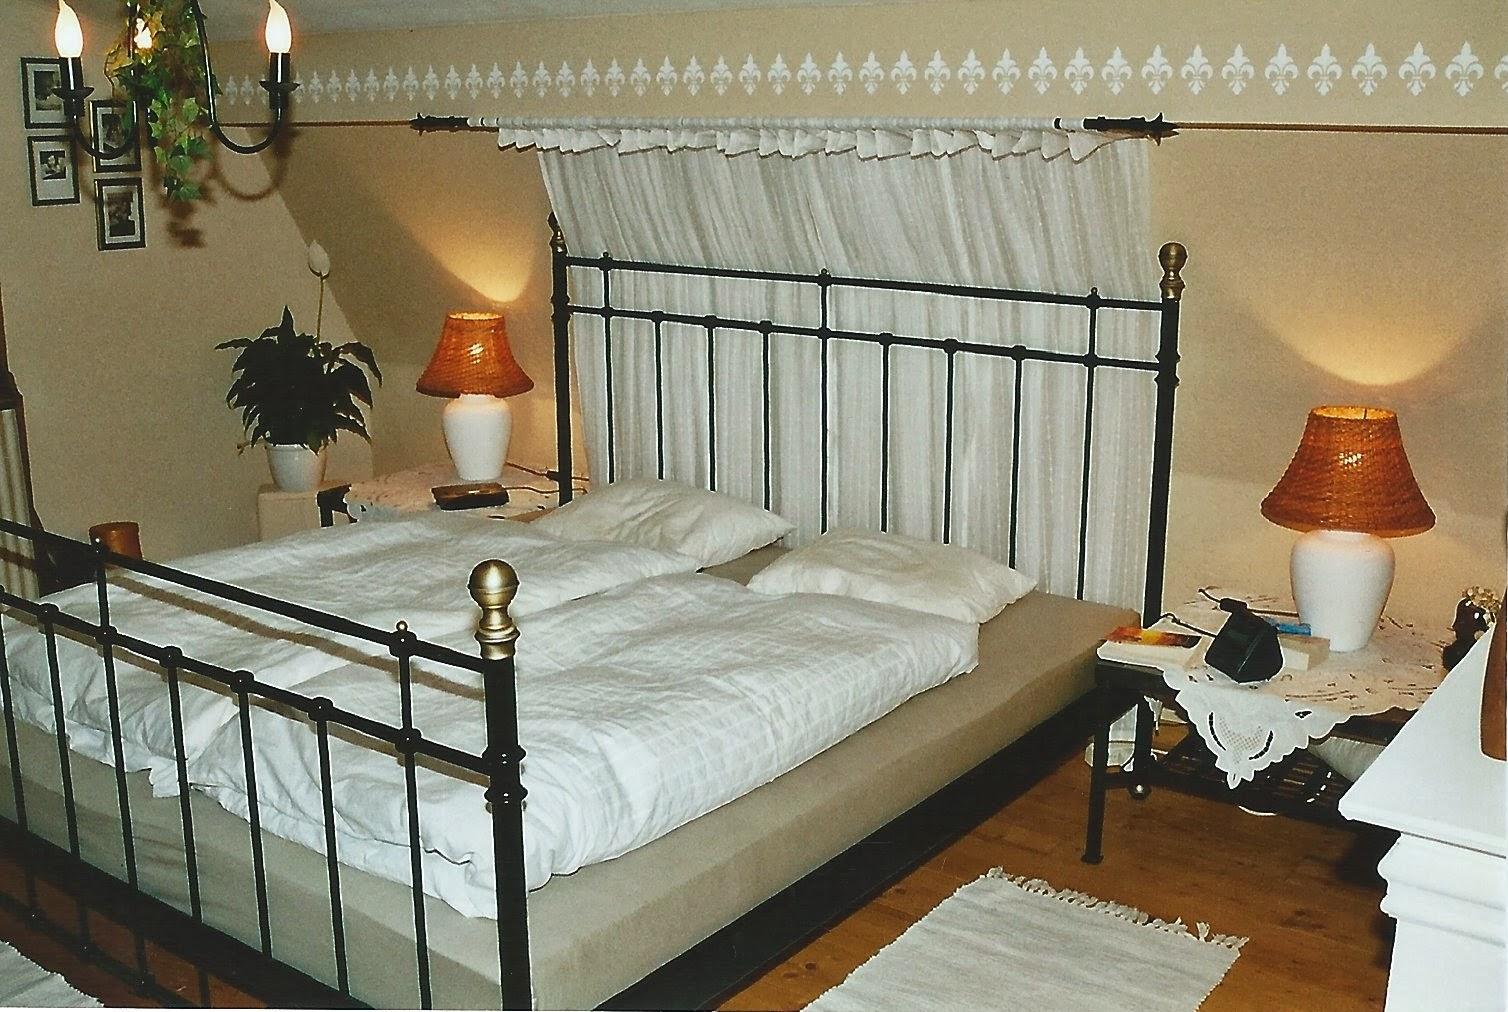 schlafzimmer neu gestalten vorher nachher schlafsofas gebraucht kaufen inspiration ikea. Black Bedroom Furniture Sets. Home Design Ideas